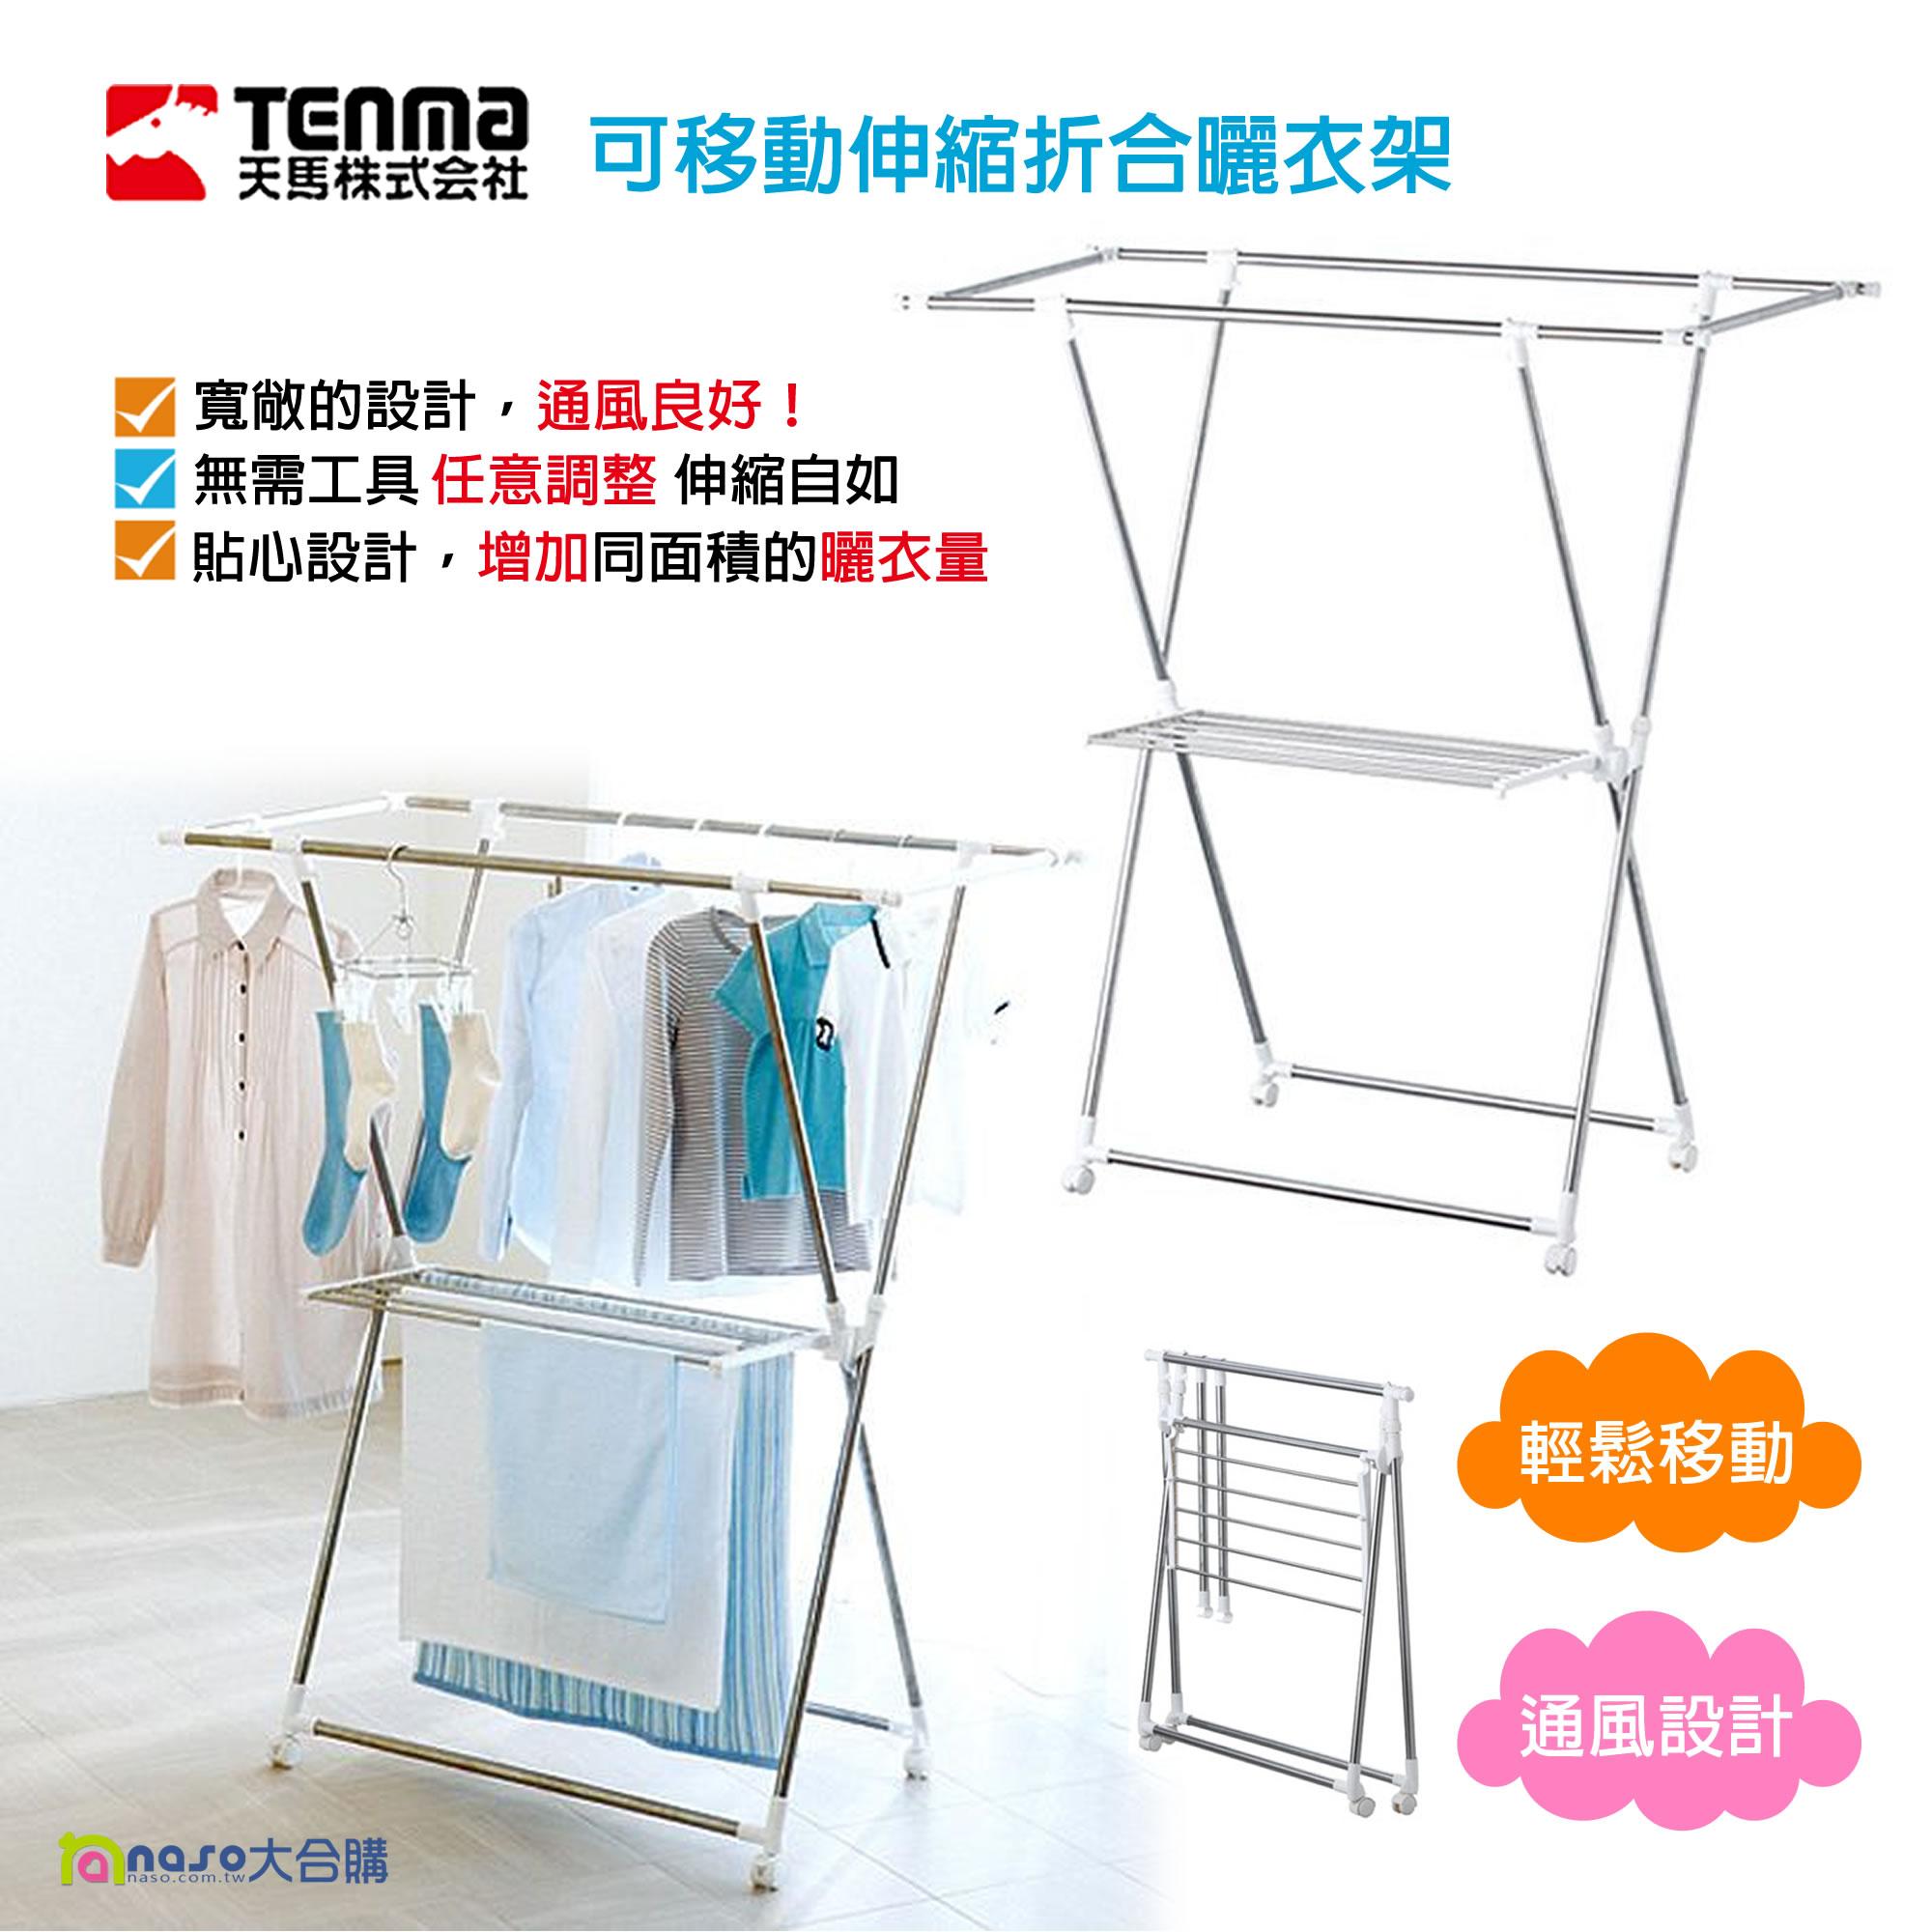 日本天馬Tenma可移動伸縮折合曬衣架/合金角型曬衣夾 好評第8團